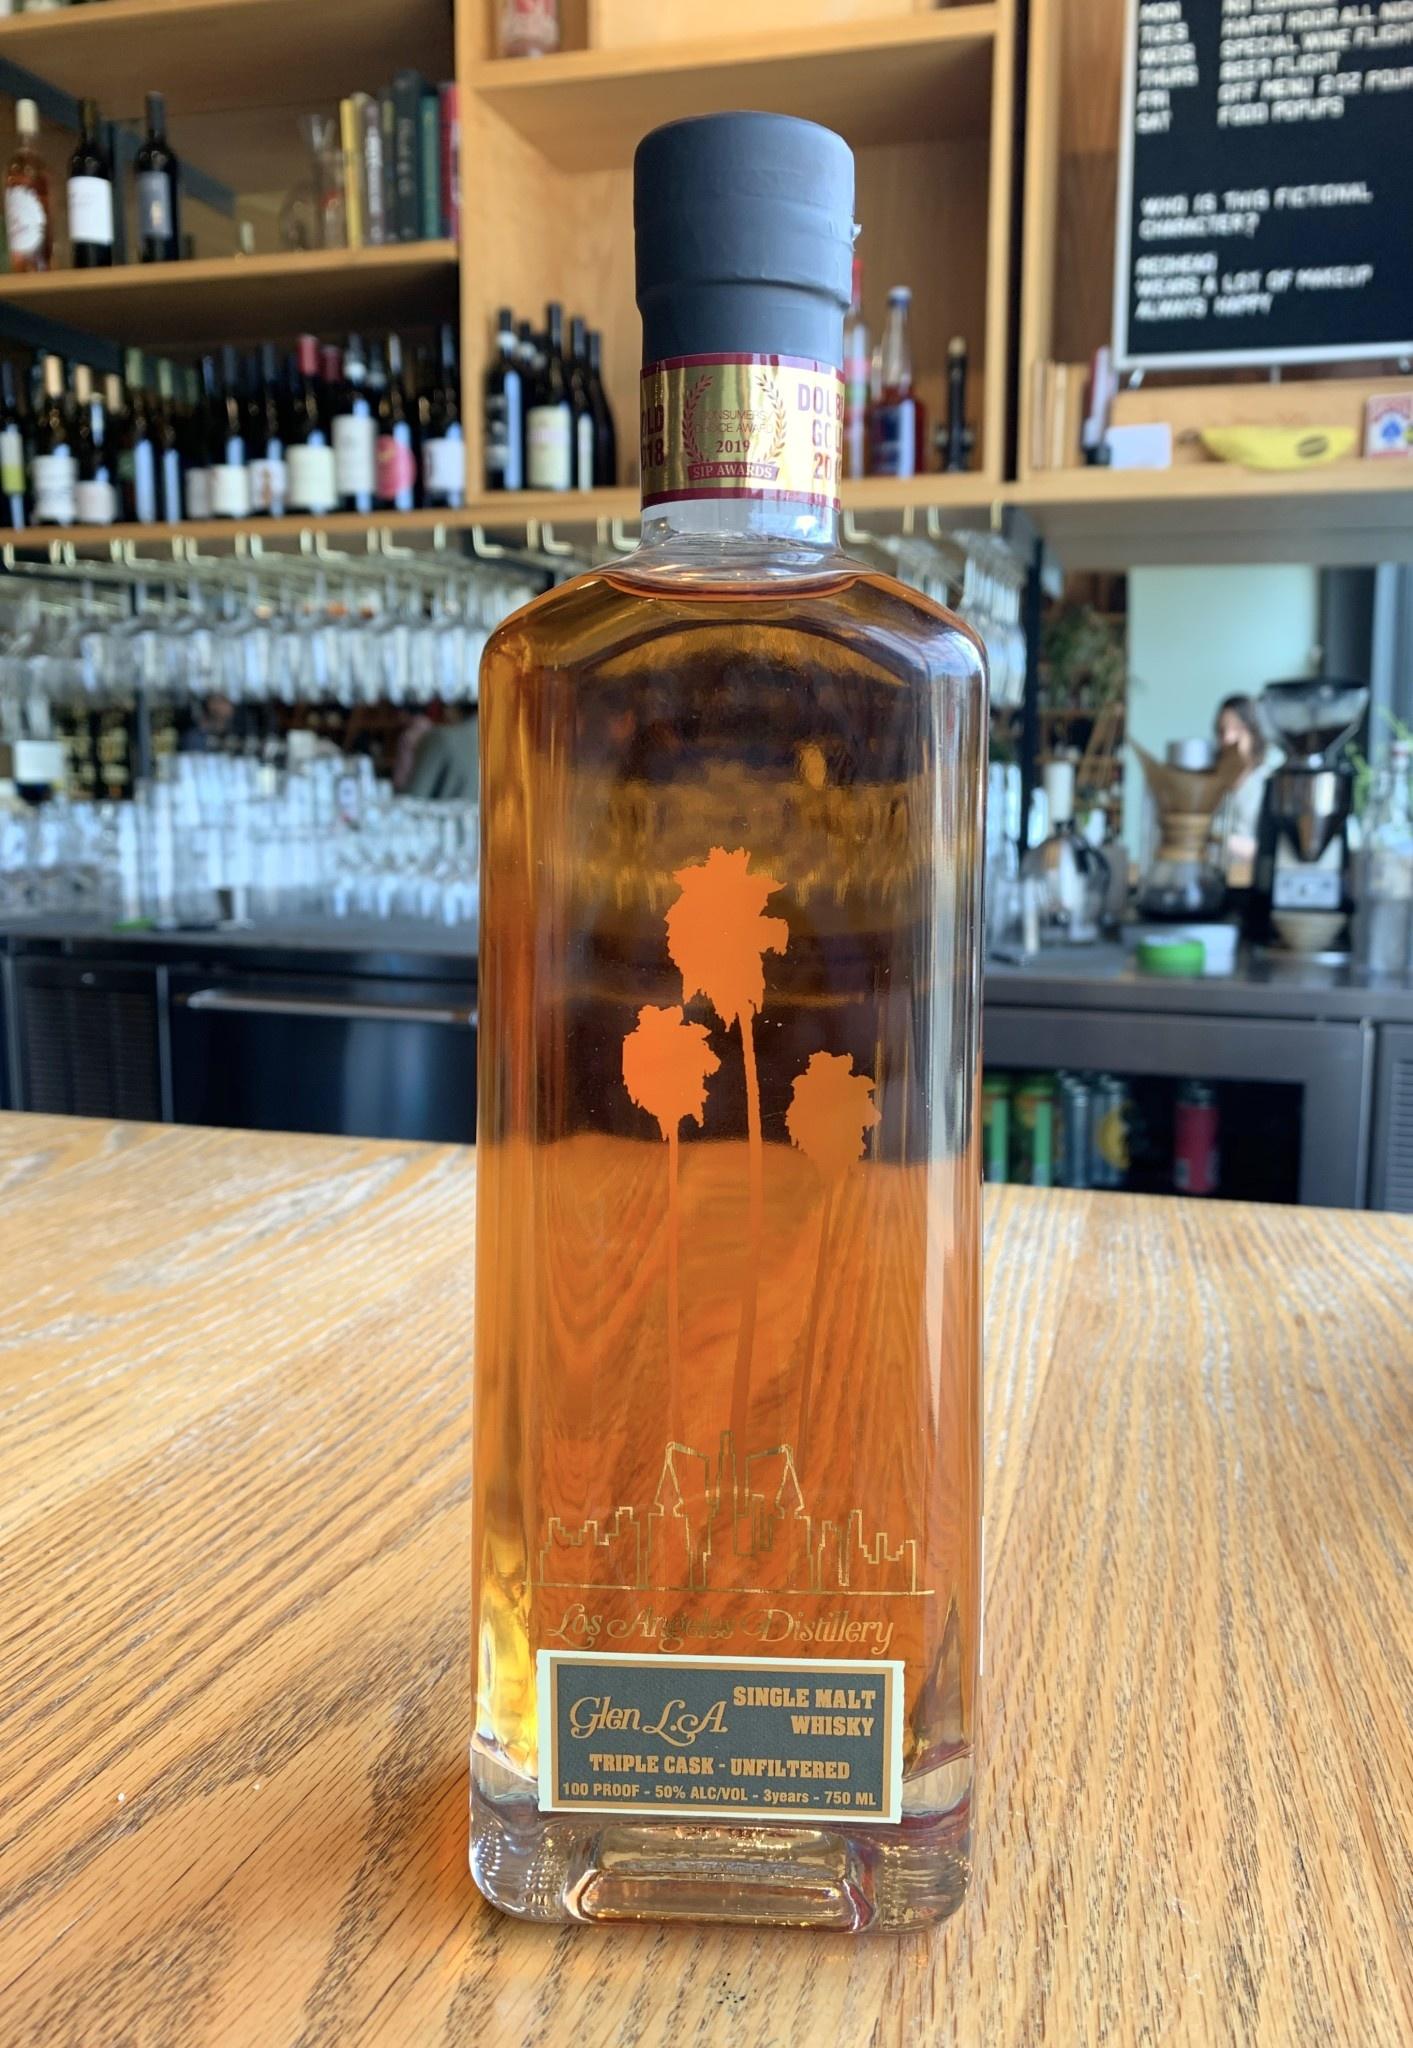 Los Angeles Distillery Los Angeles Distillery Glen LA Triple Cask 3yr Single Malt Whisky